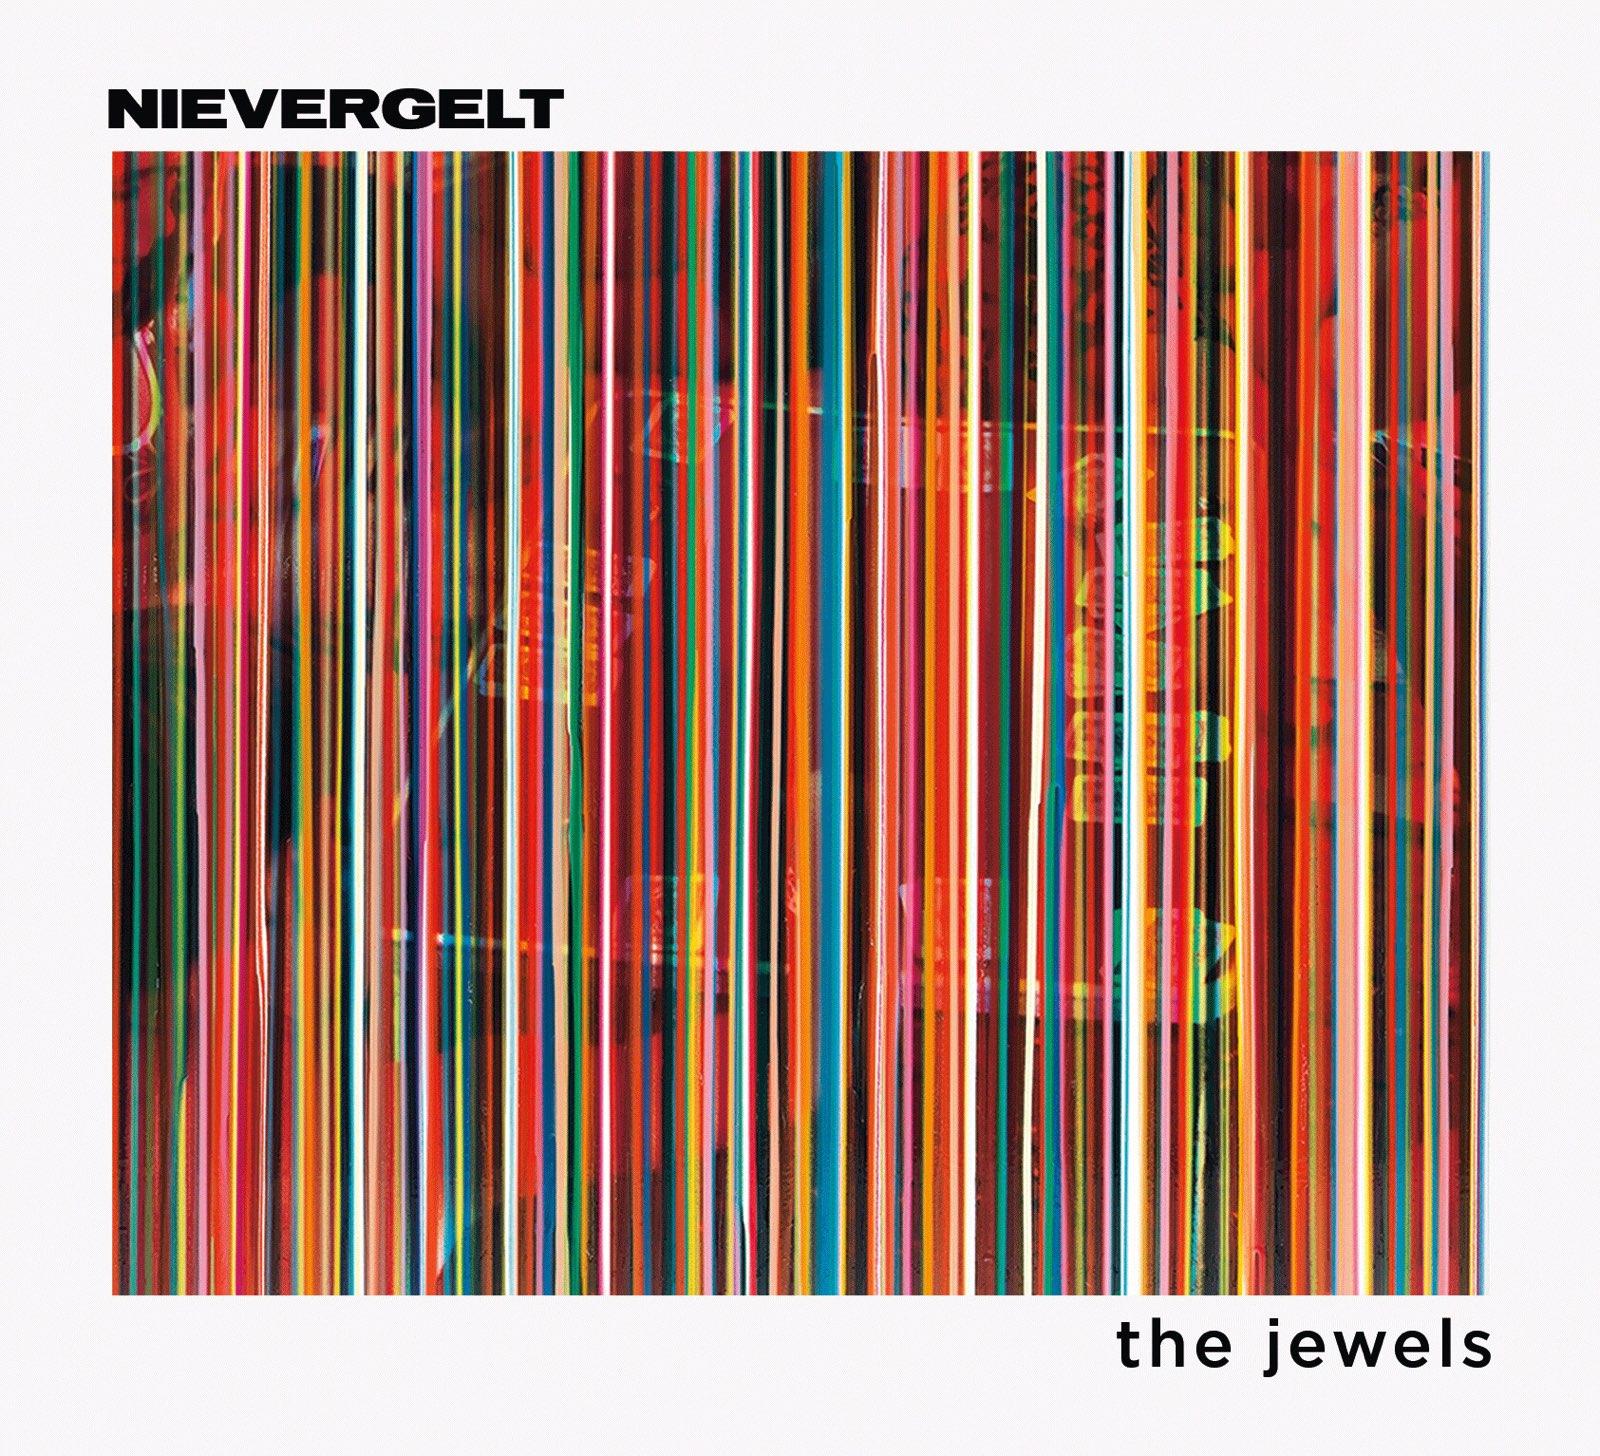 3000x3000 the jewels.jpg